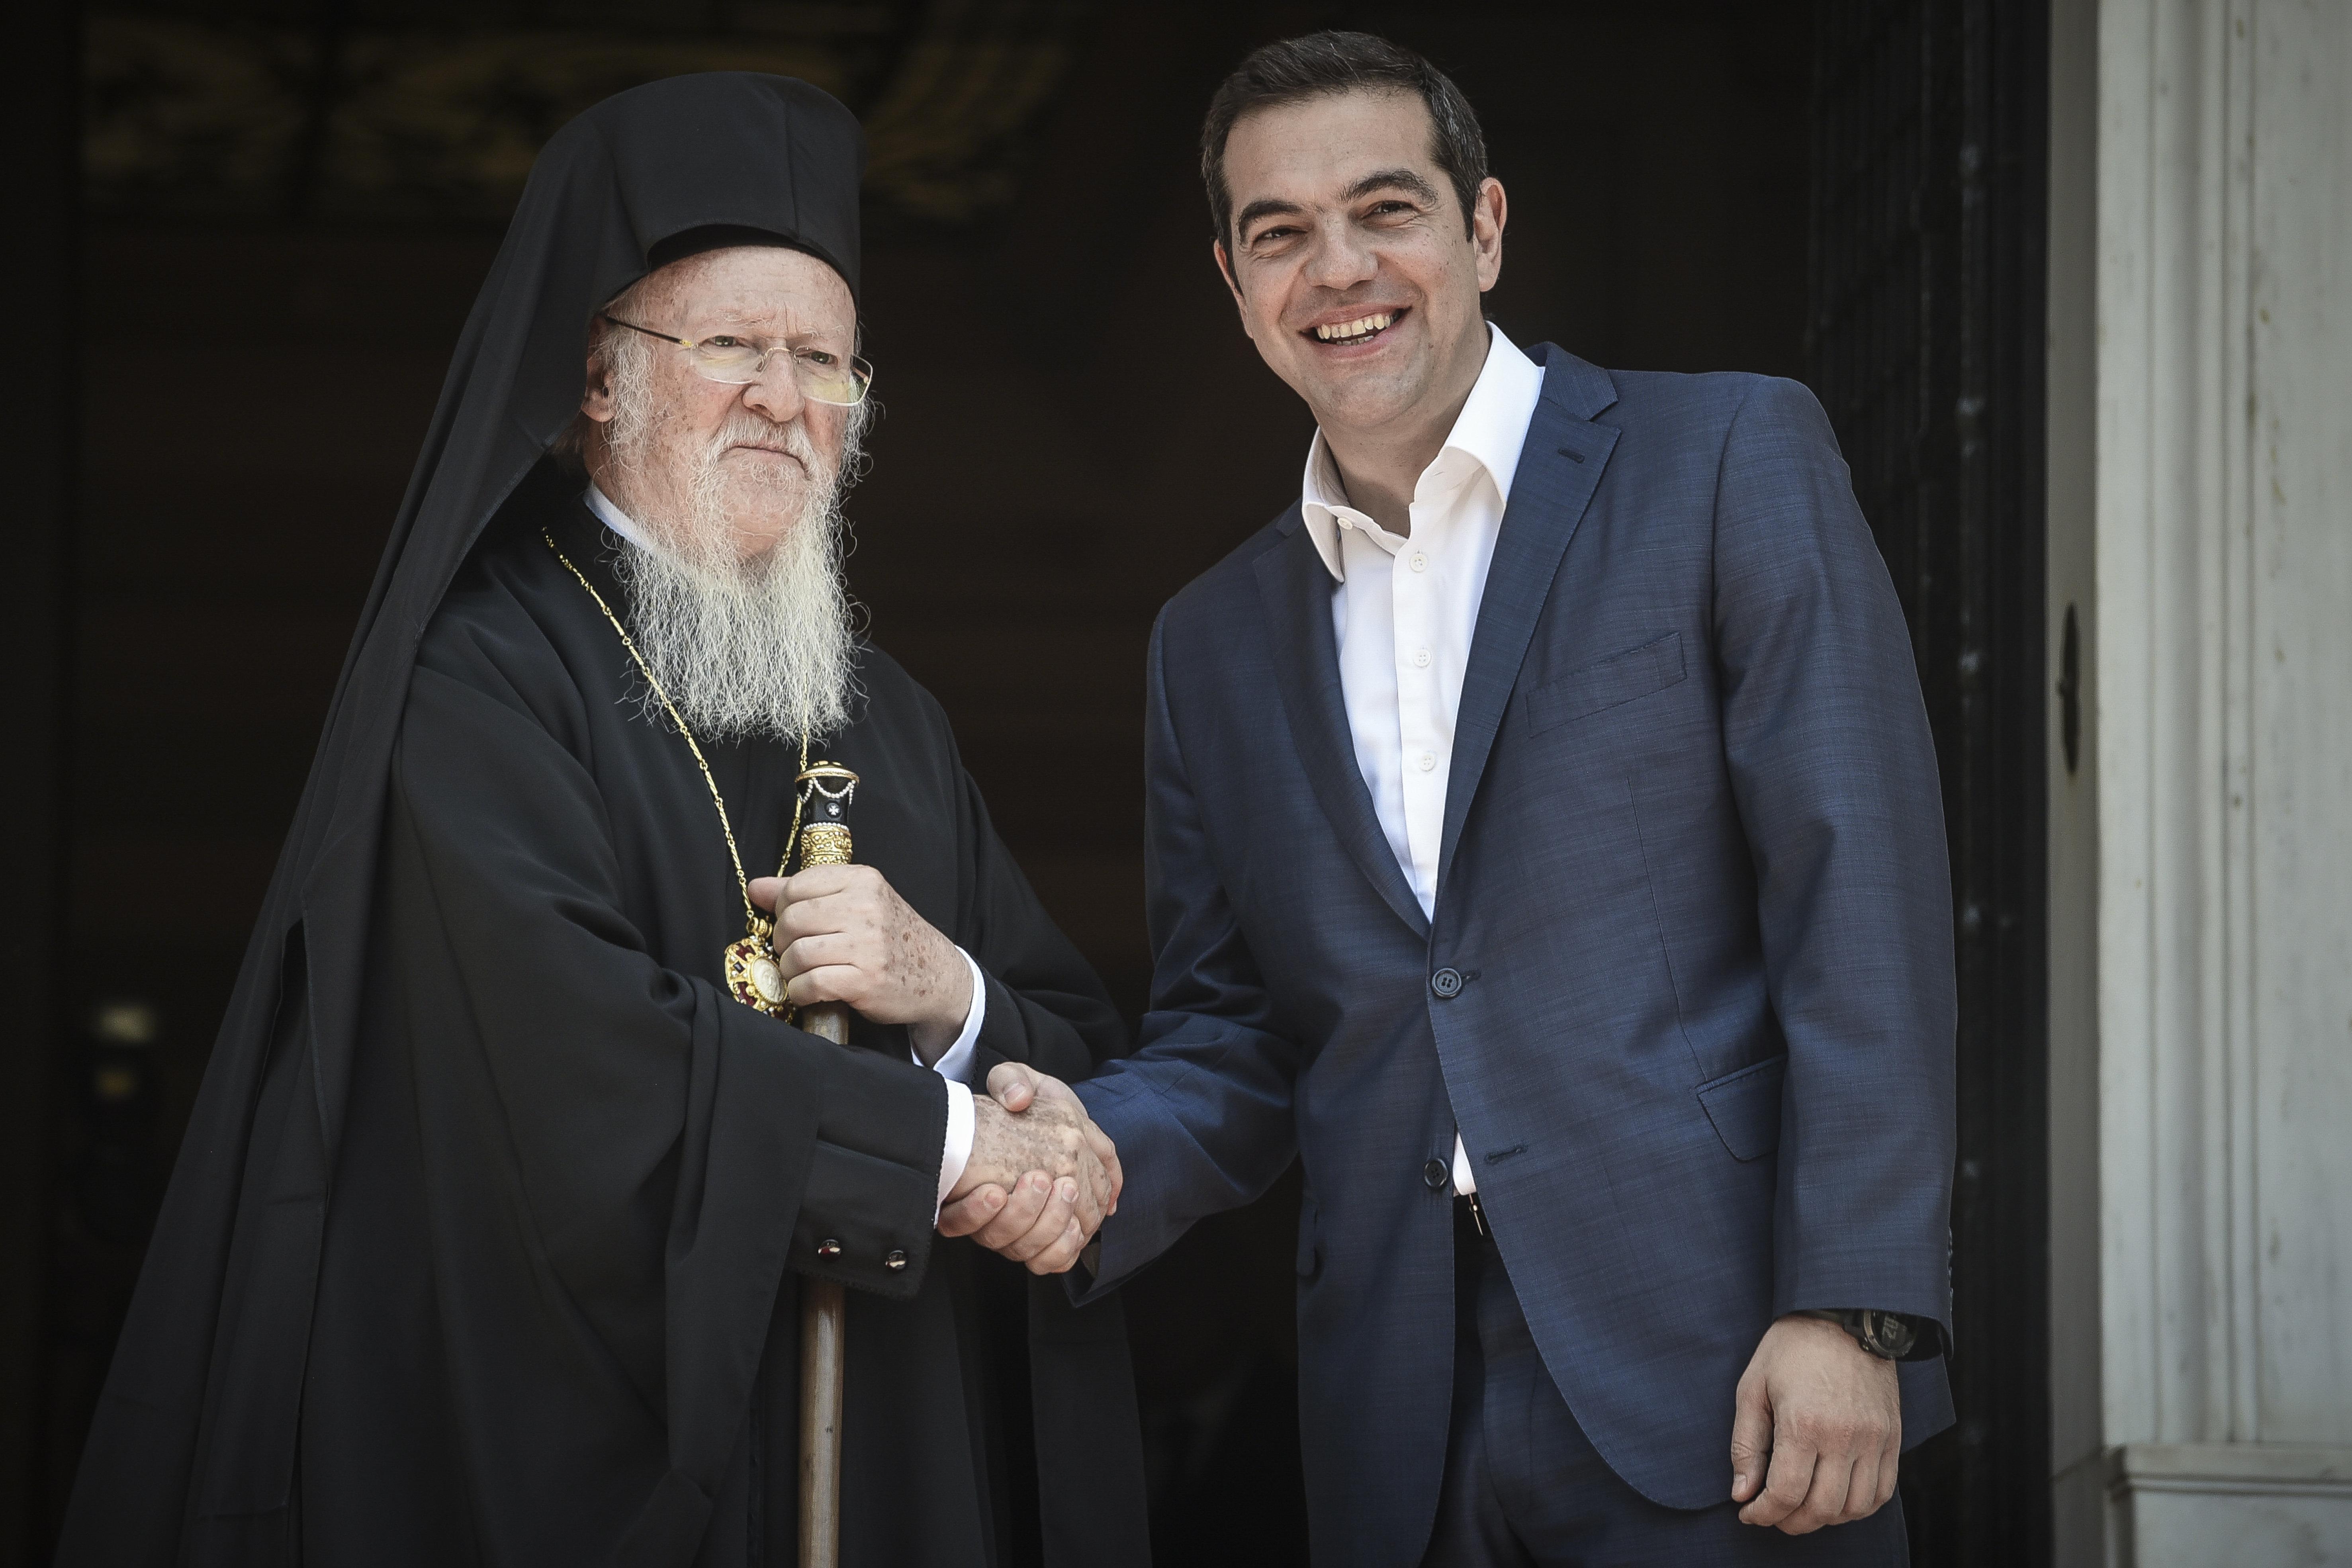 Η επίσκεψη του Οικουμενικού Πατριάρχη Βαρθολομαίου στην Αθήνα σε εικόνες. Η συνάντηση με τον Τσίπρα και οι